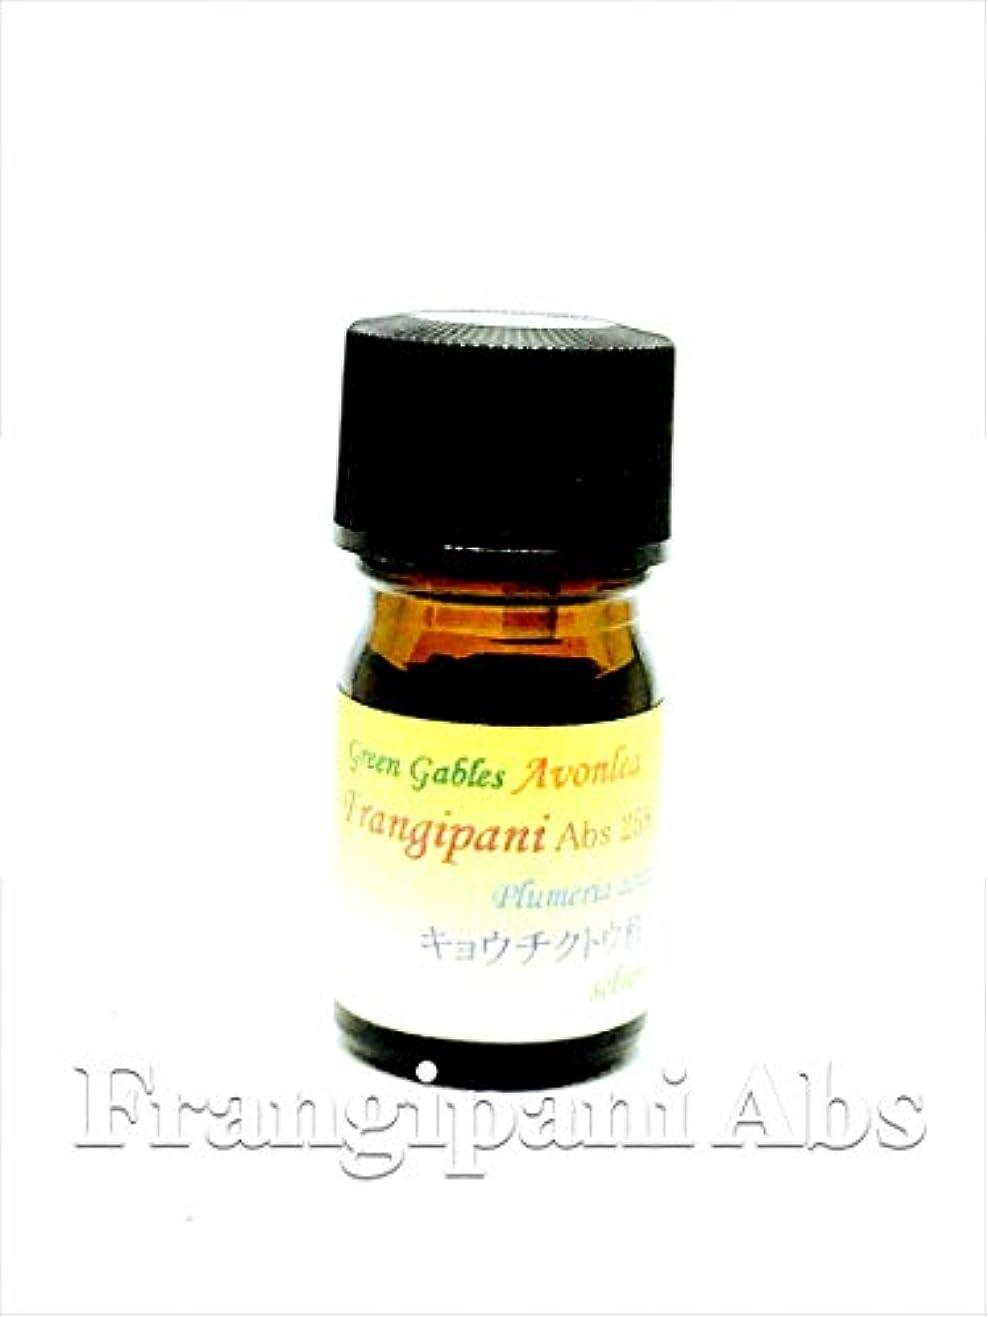 またねメンタル繁栄フランジュパ二Abs ピュアエッセンシャルオイル精油 (プルメリアAbs) (30ml)